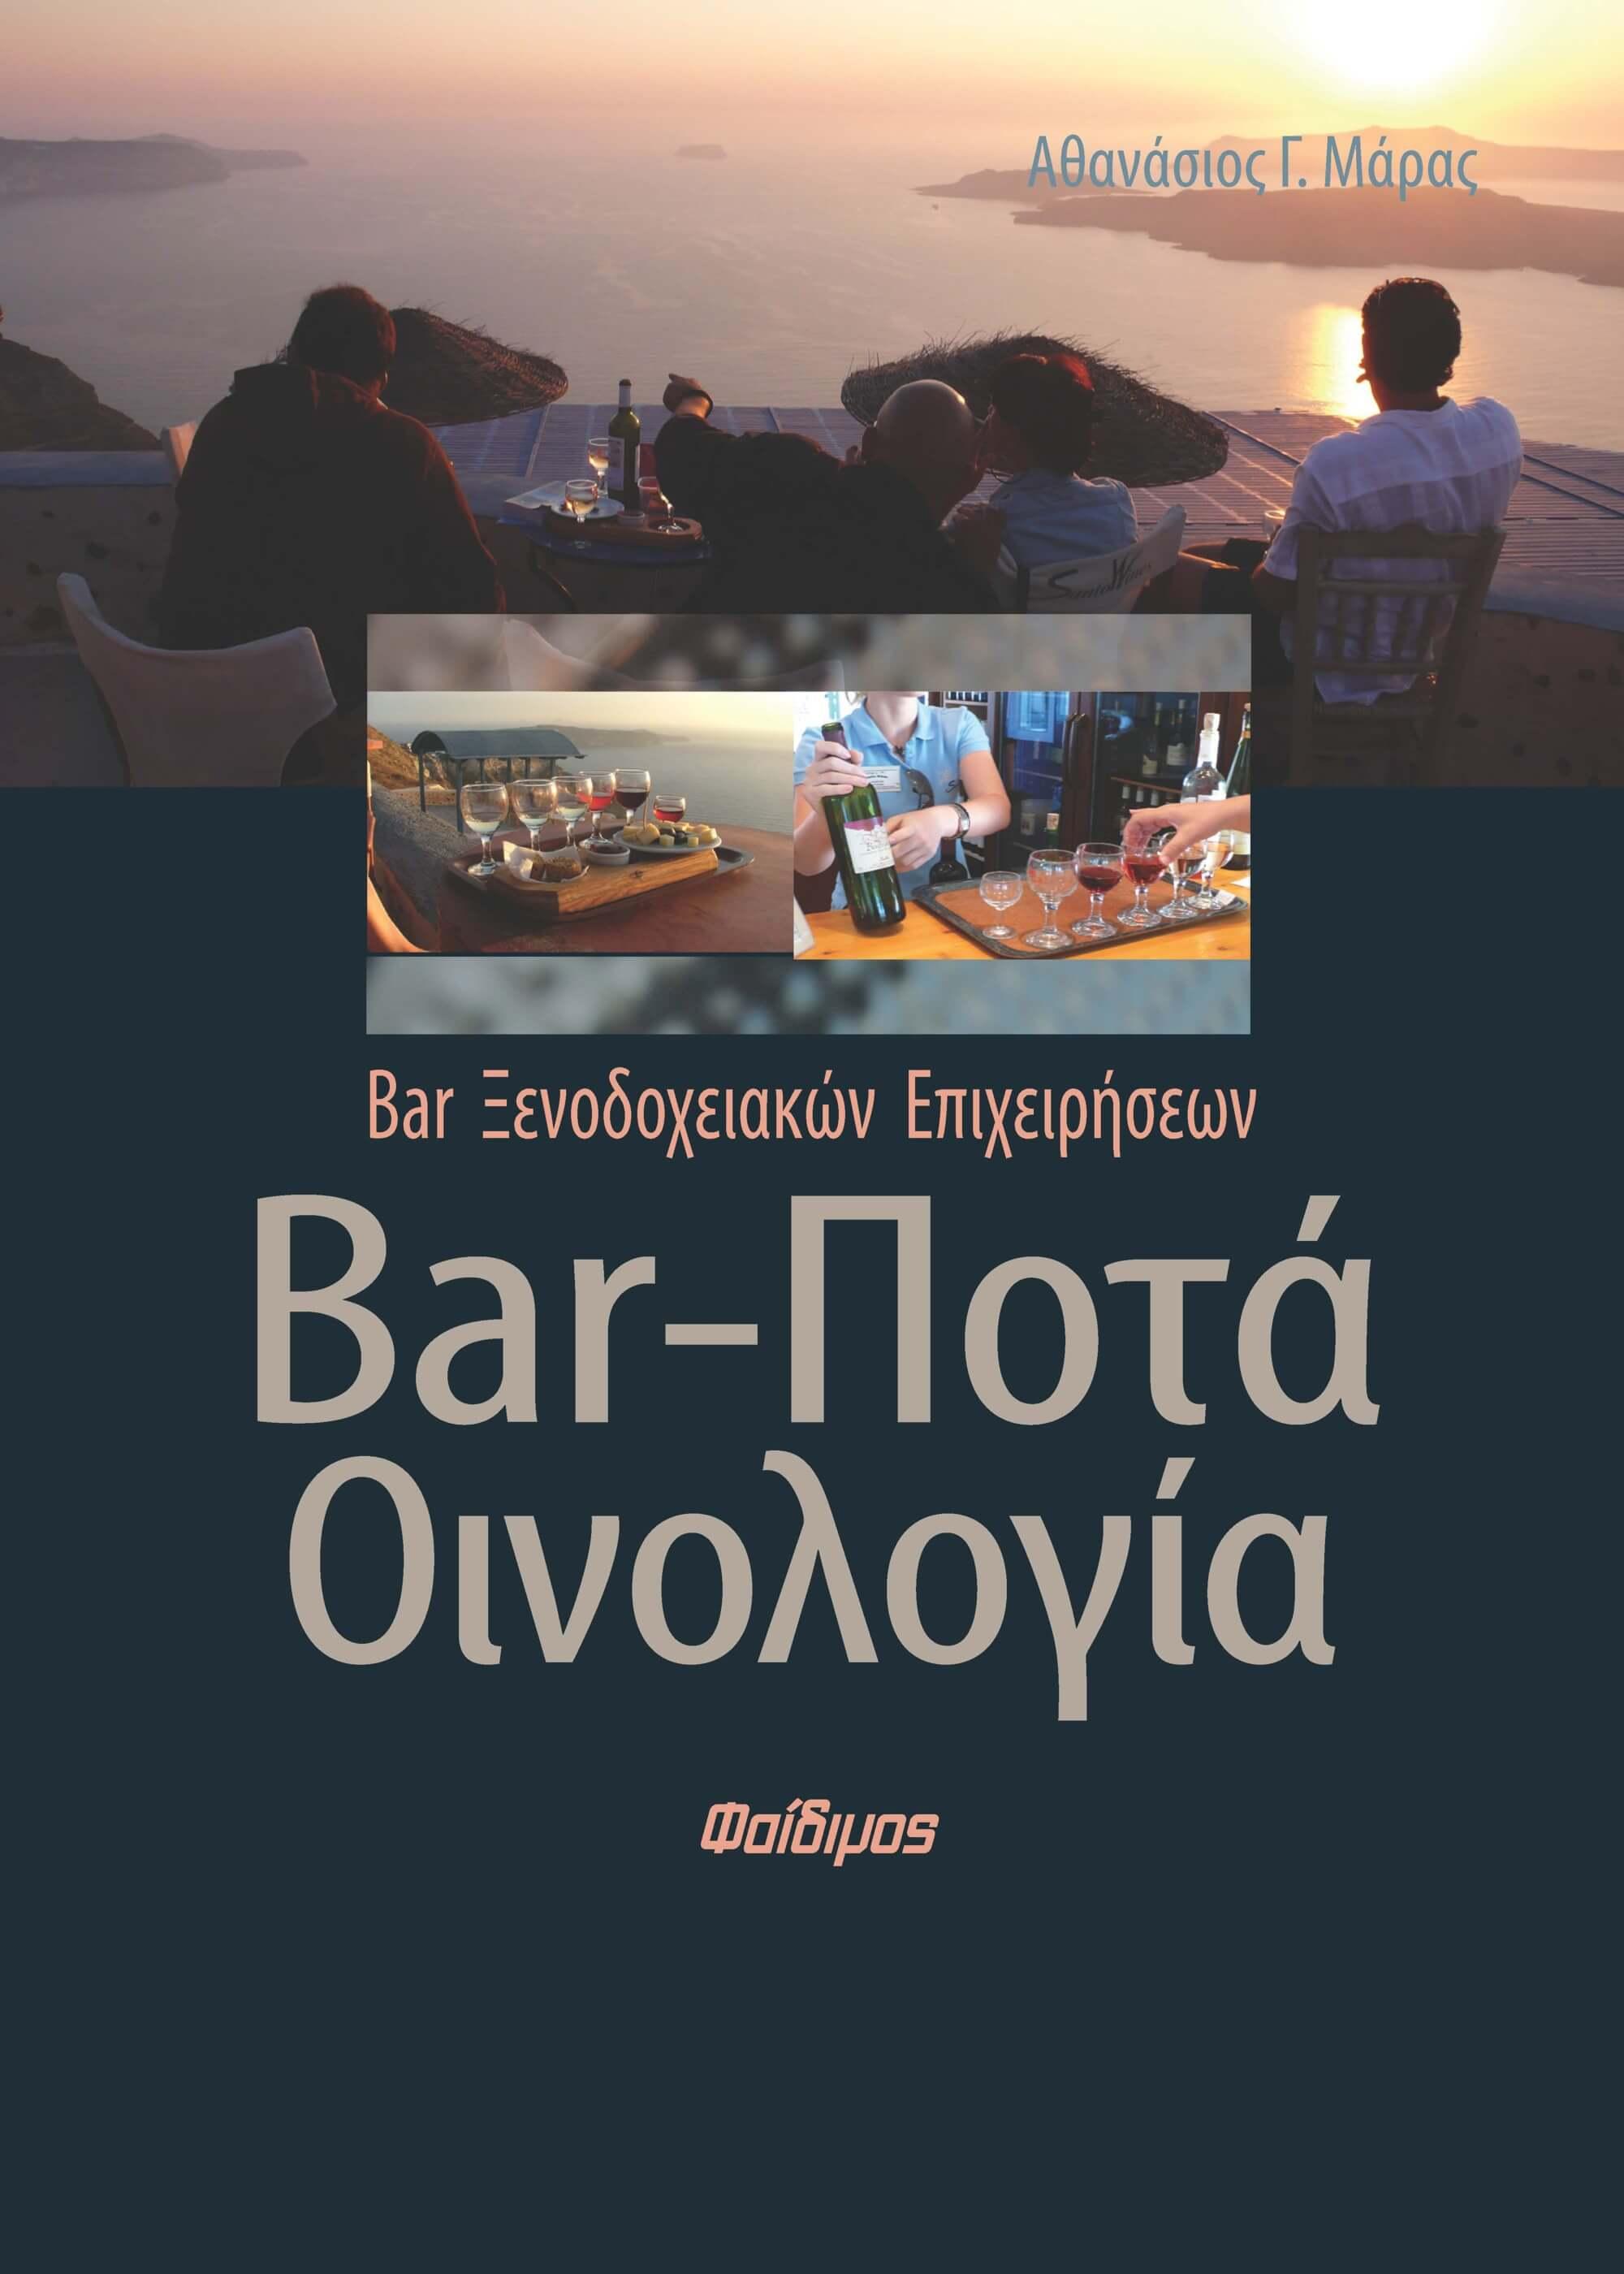 Bar ξενοδοχειακών επιχειρήσεων: Bar, ποτά, οινολογία